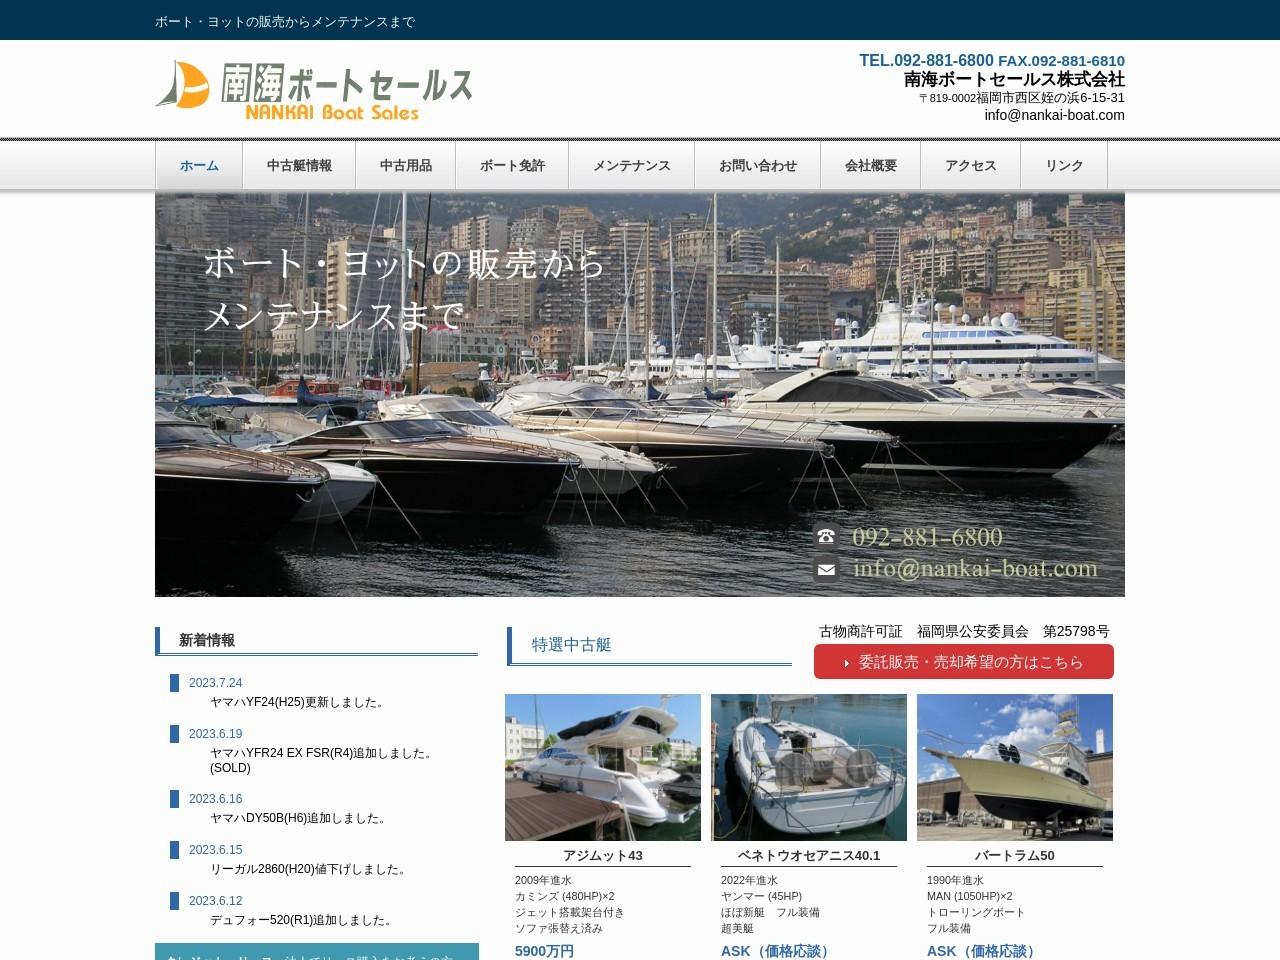 南海ボートセールス株式会社